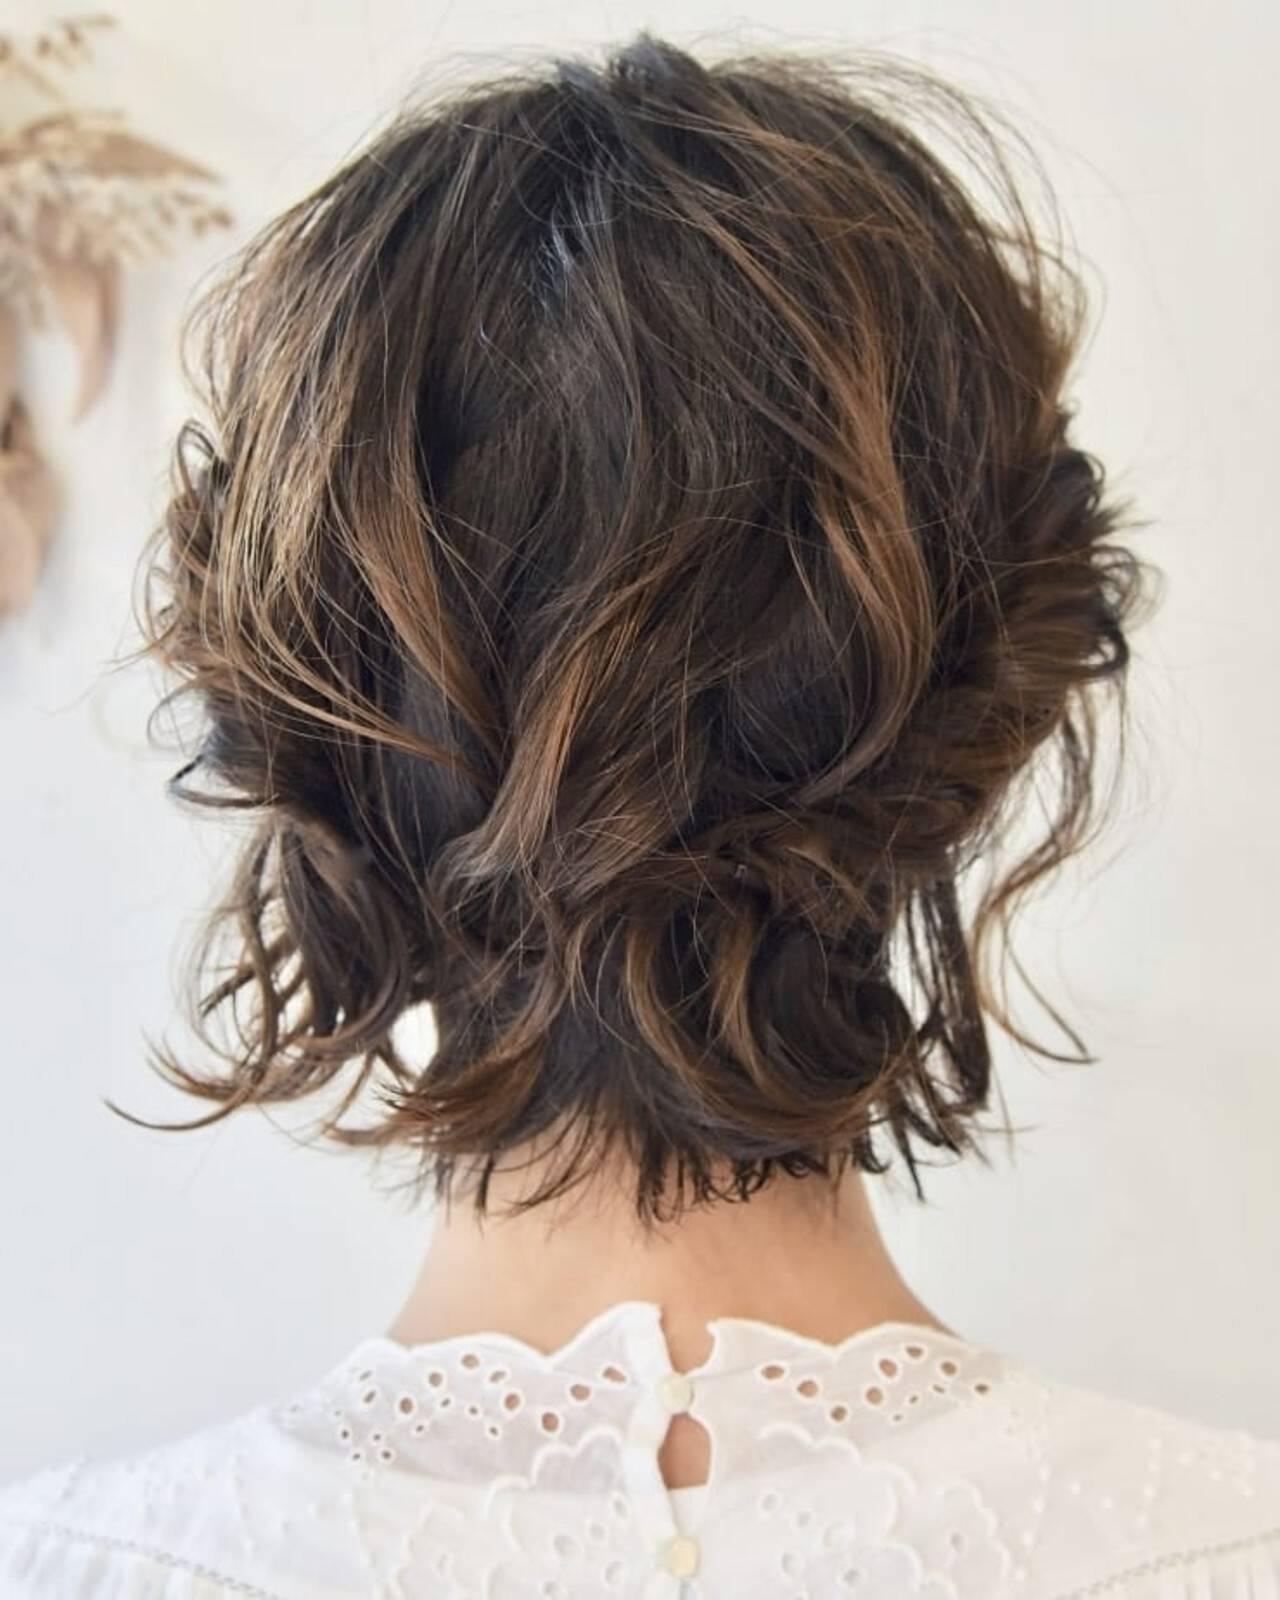 ボブ 簡単ヘアアレンジ ミニボブ ヘアアレンジヘアスタイルや髪型の写真・画像